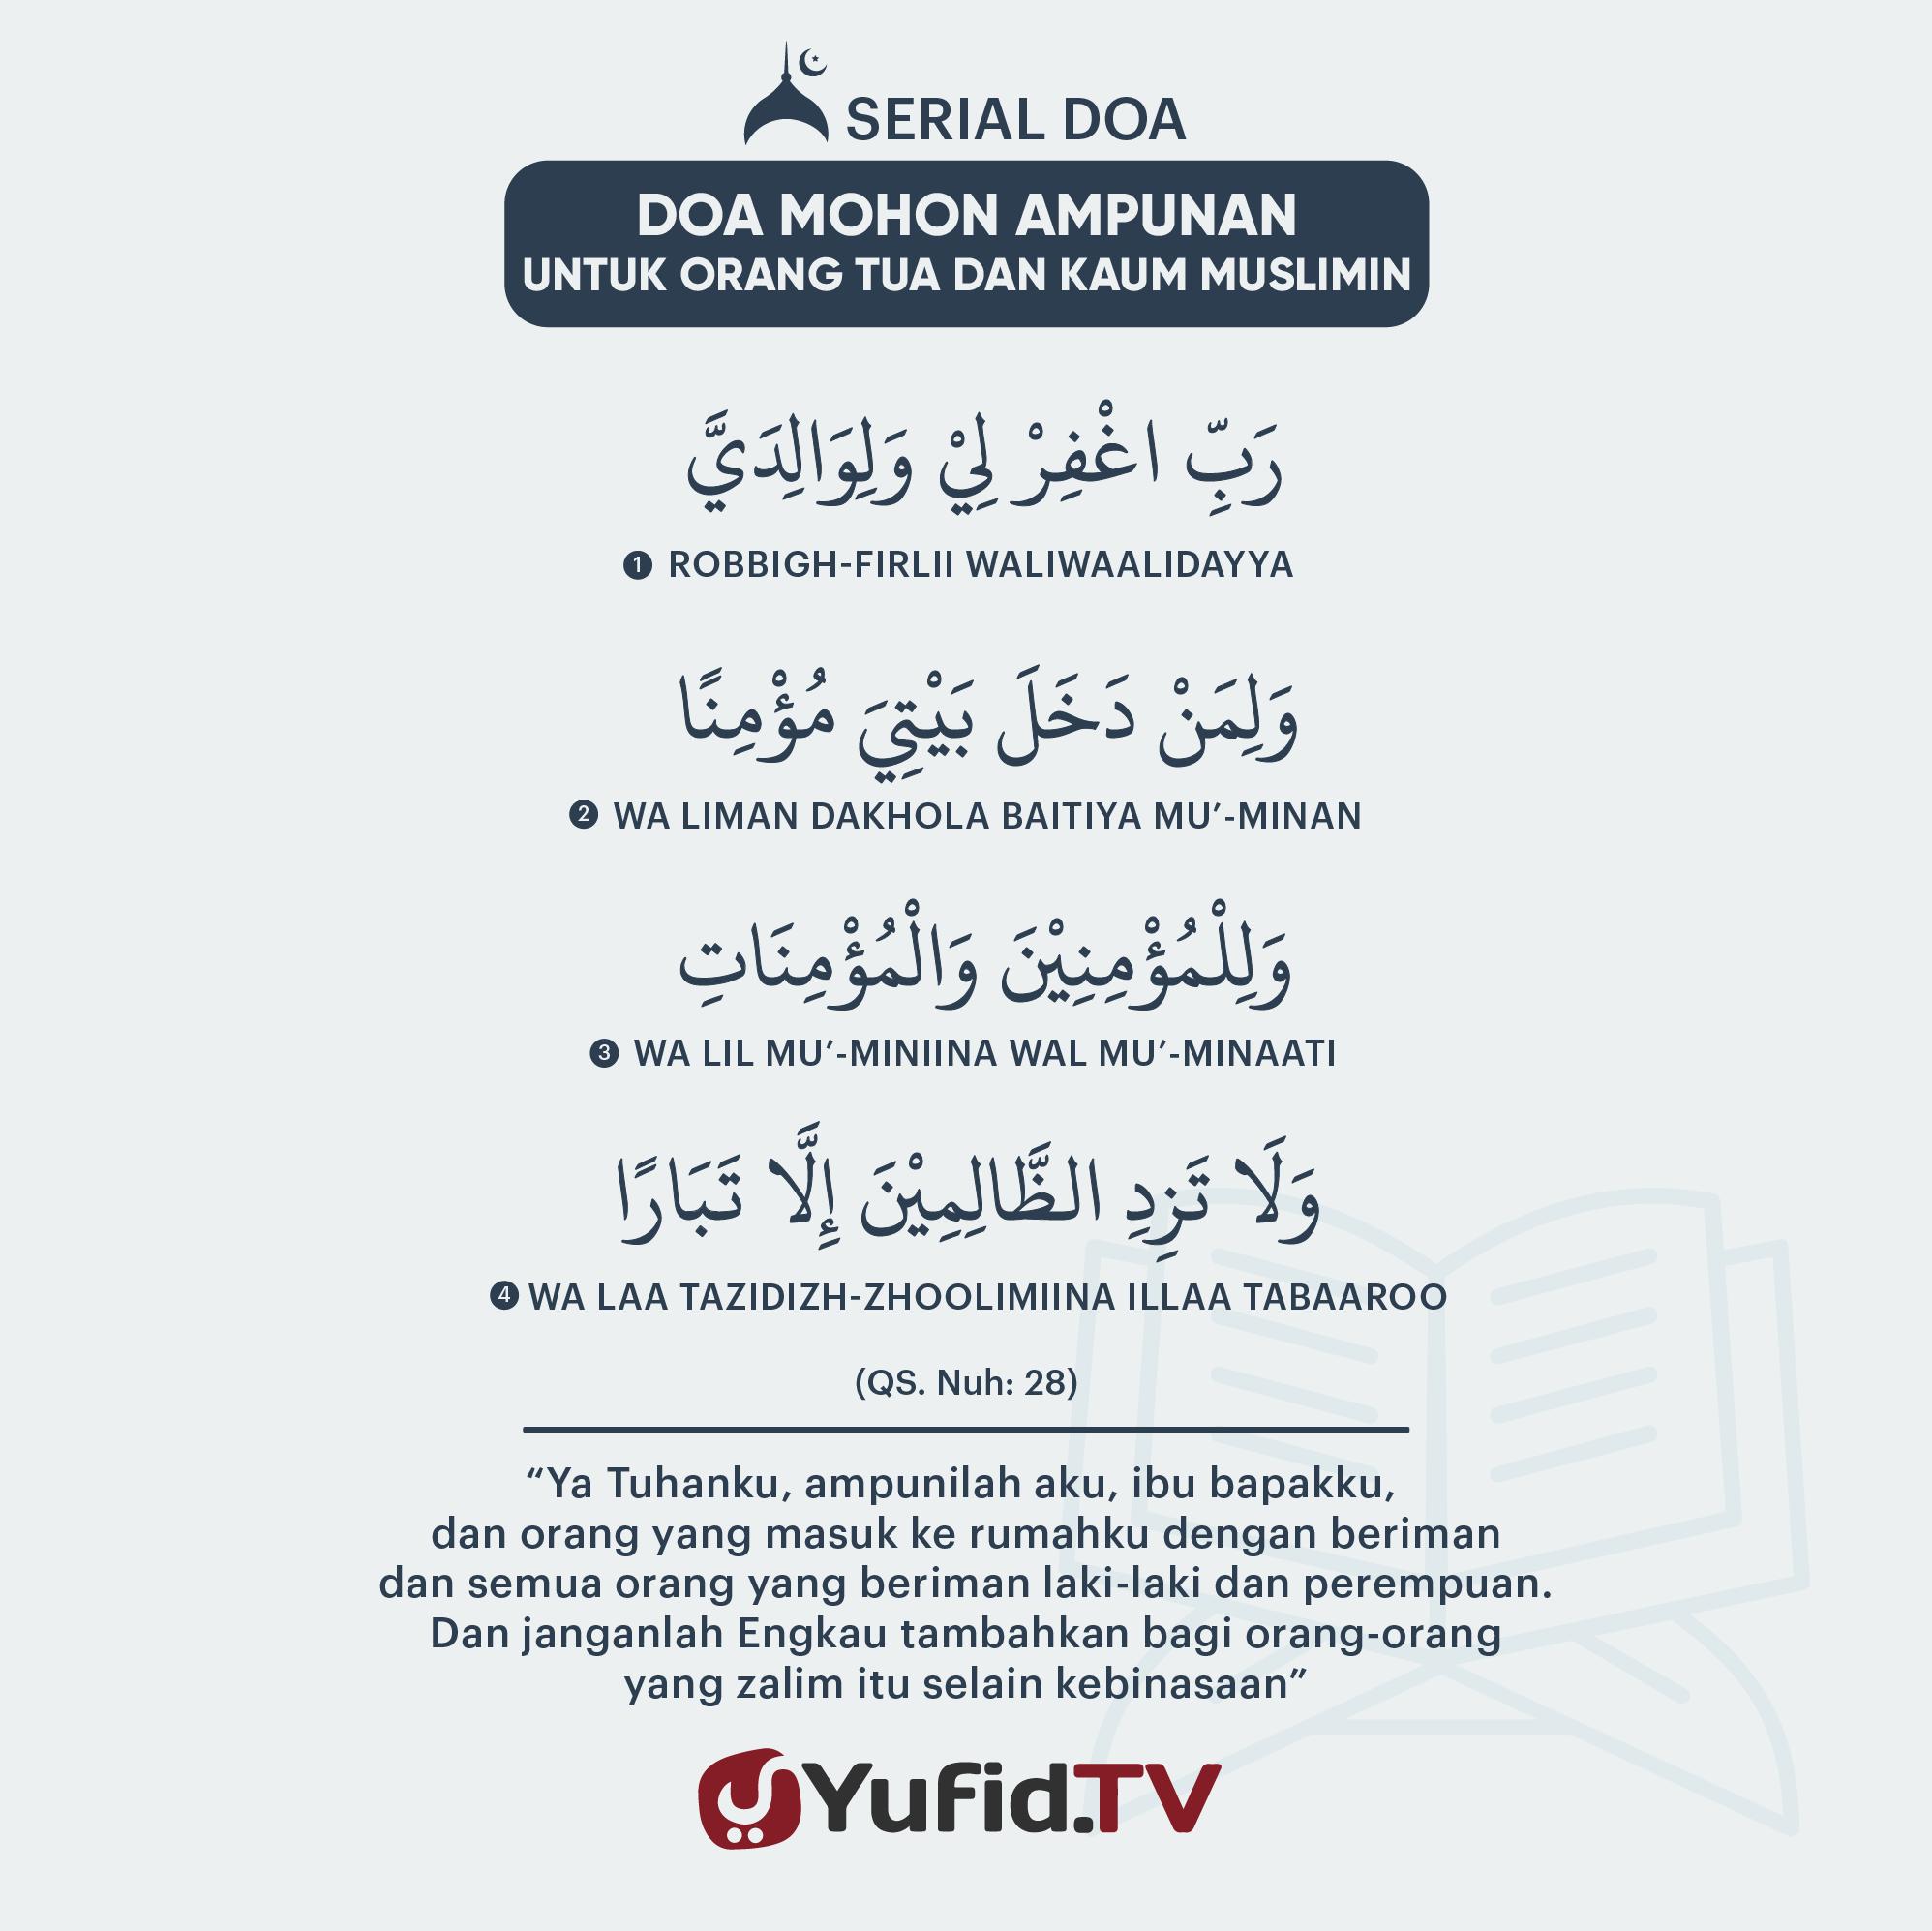 Doa Mohon Ampunan untuk Orang Tua dan Kaum Muslimin